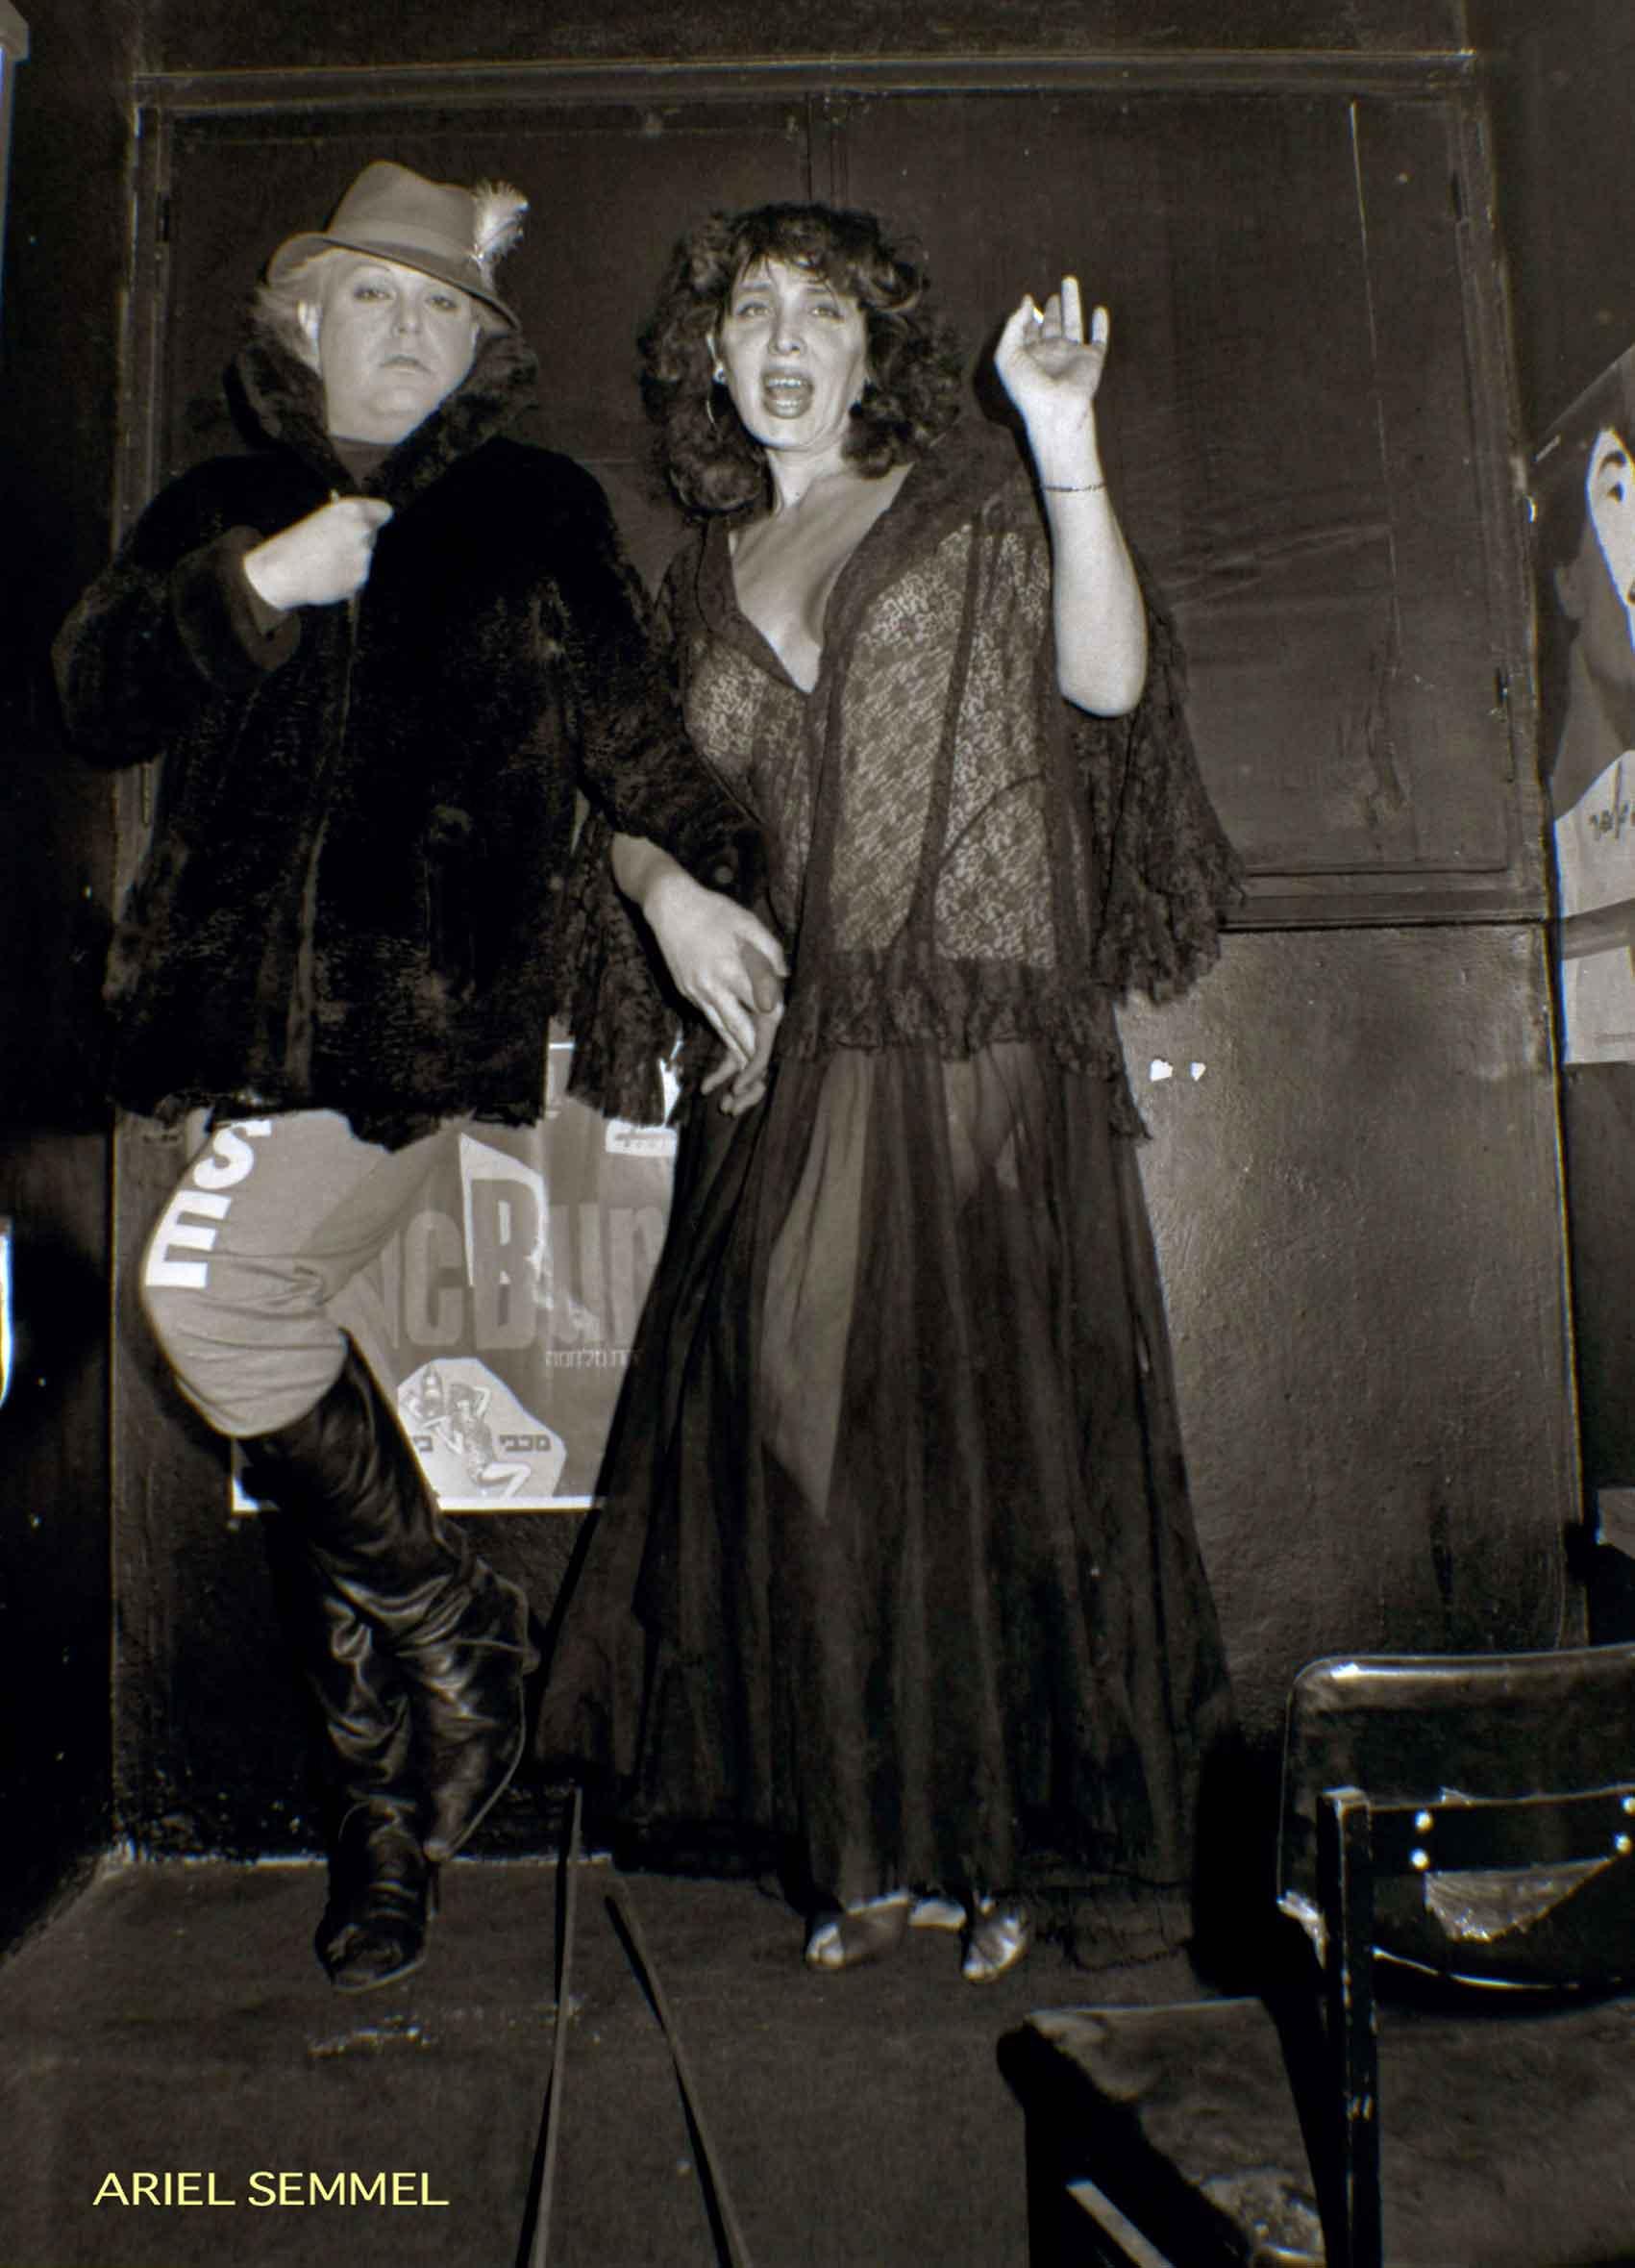 גילה-גולדשטיין-וזלמן-שושי-בקולנוע-דן-בתל-אביב---1984-צילום--אריאל-סמל